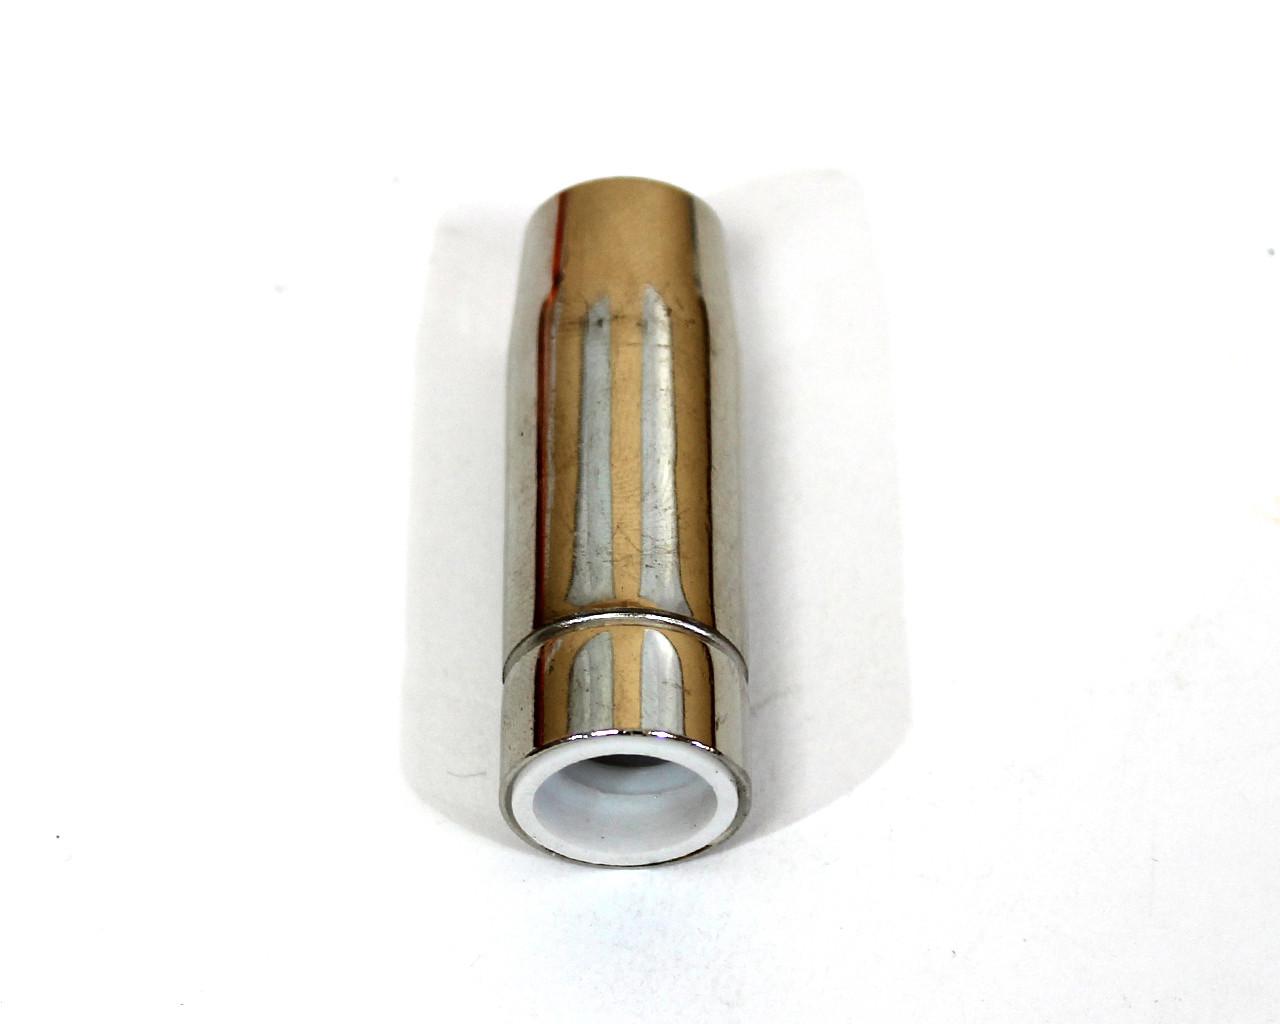 Сопло для сварочной горелки VITA МВ-15 втулка фторопласт + медь